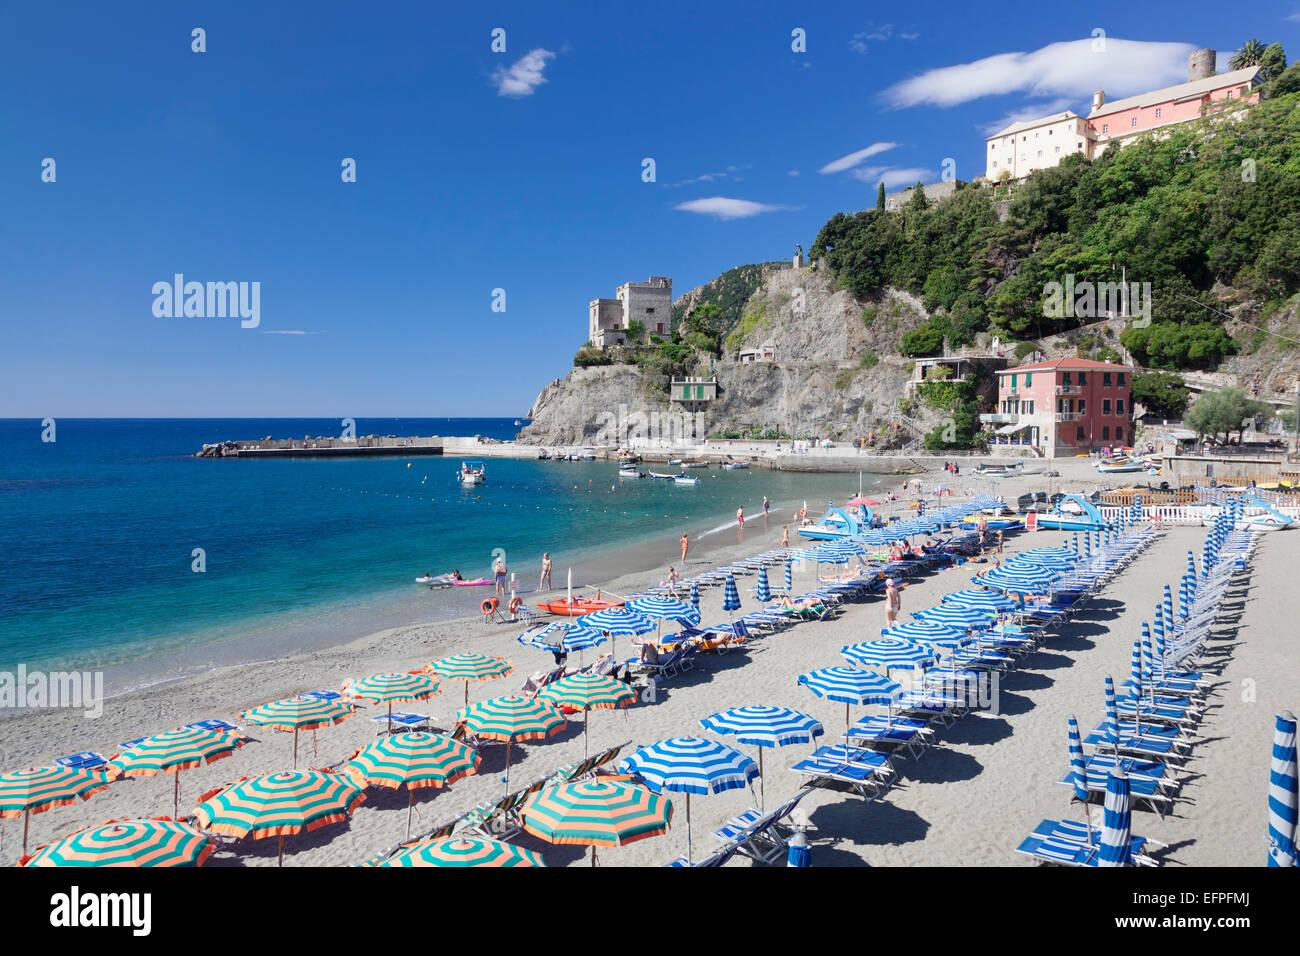 Beach with parasols and sun loungers, Monterosso al Mare, Cinque Terre, UNESCO, Riviera di Levante, Liguria, Italy - Stock Image